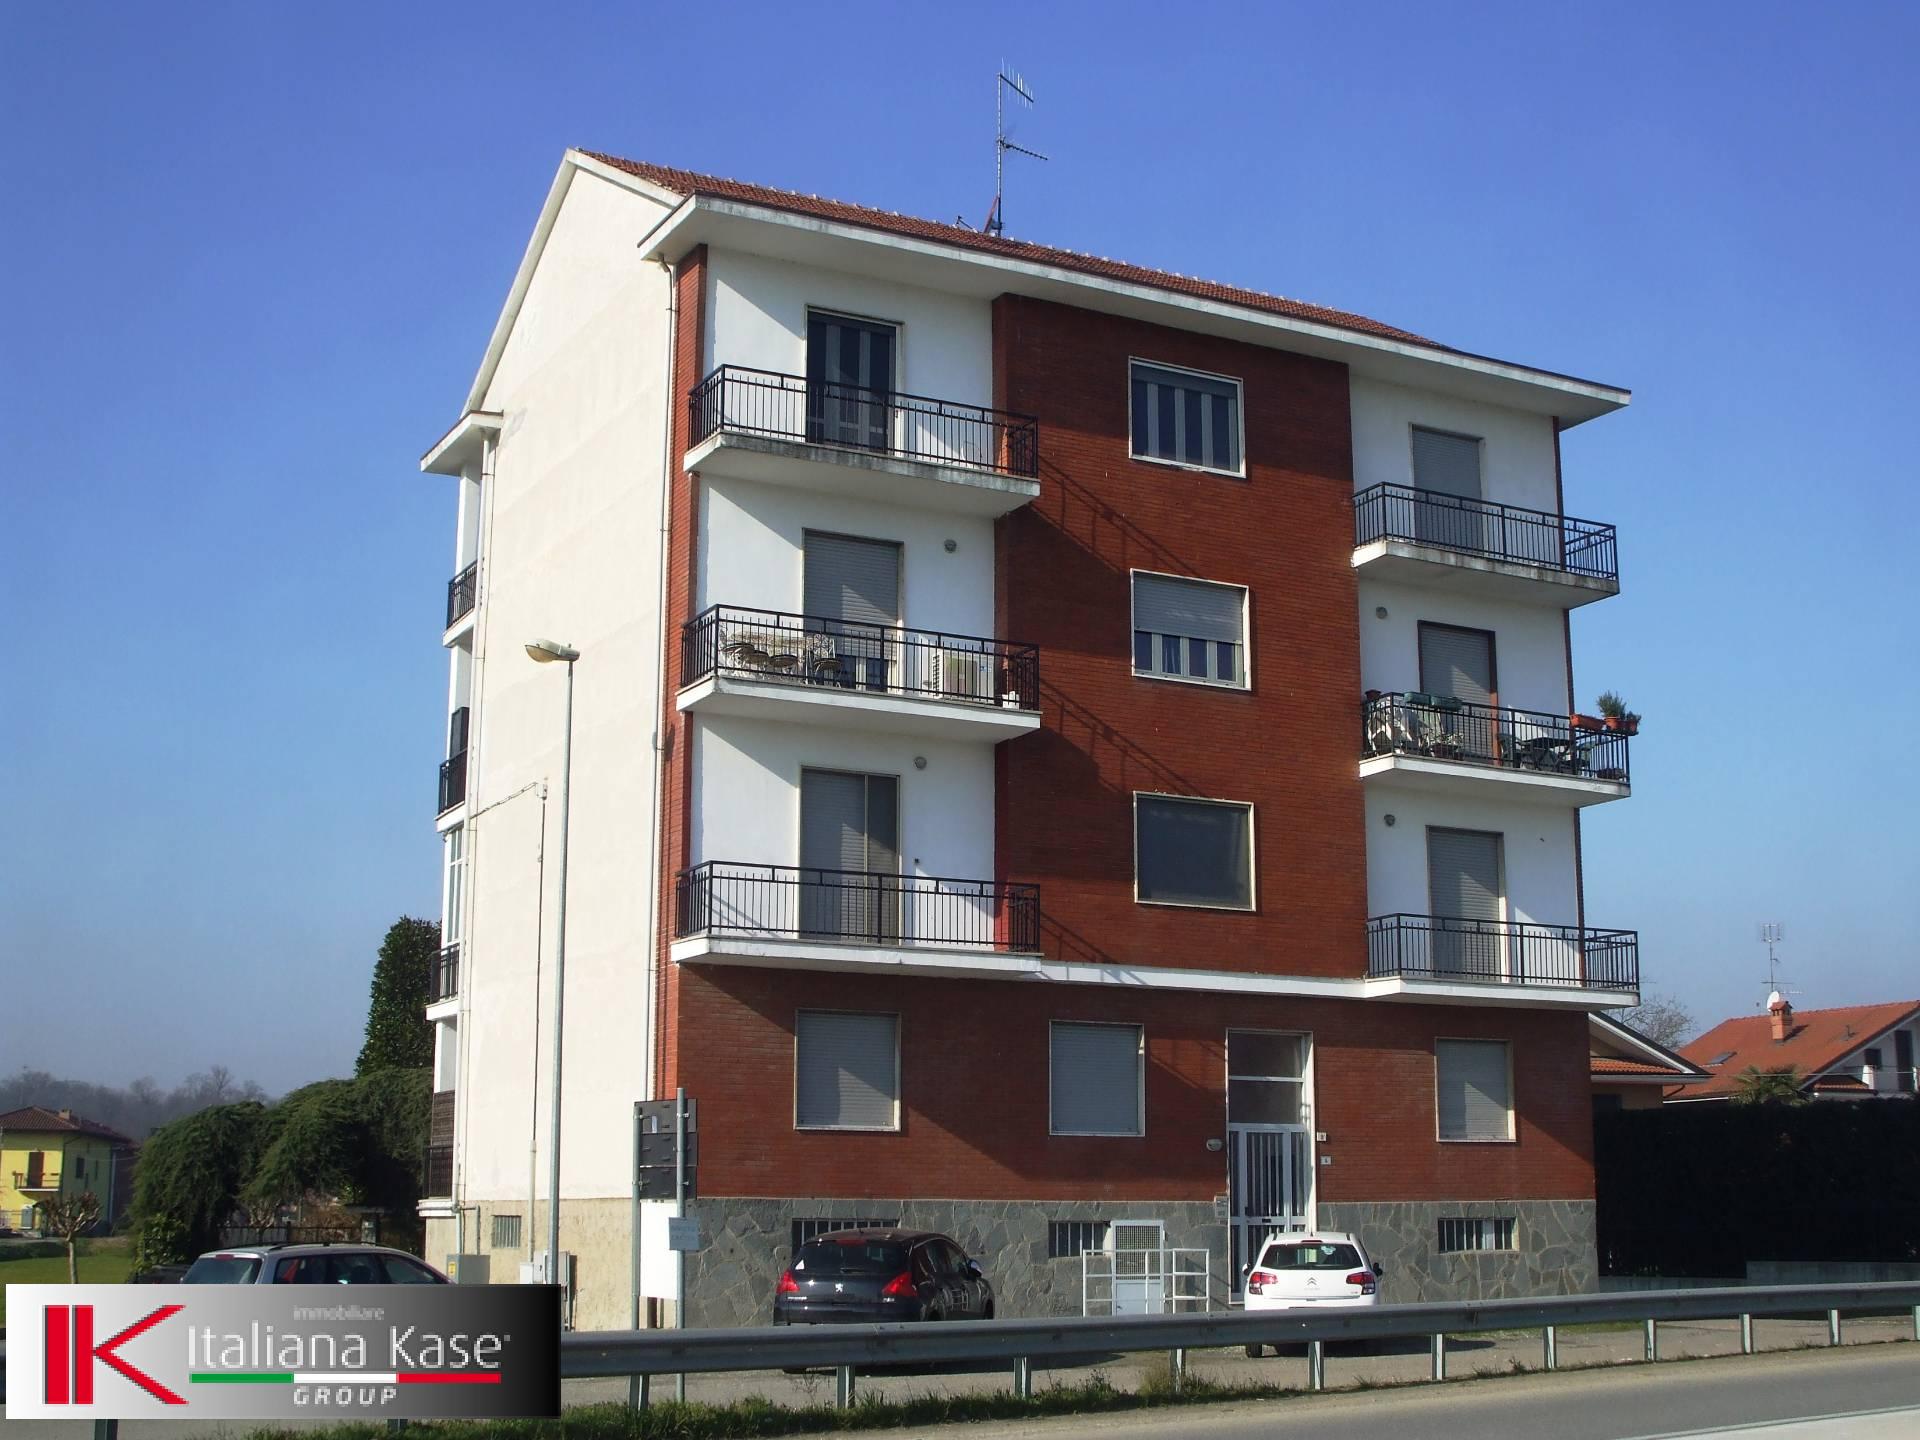 Appartamento in affitto a Castiglione Torinese, 3 locali, zona Località: Centro, prezzo € 550 | CambioCasa.it